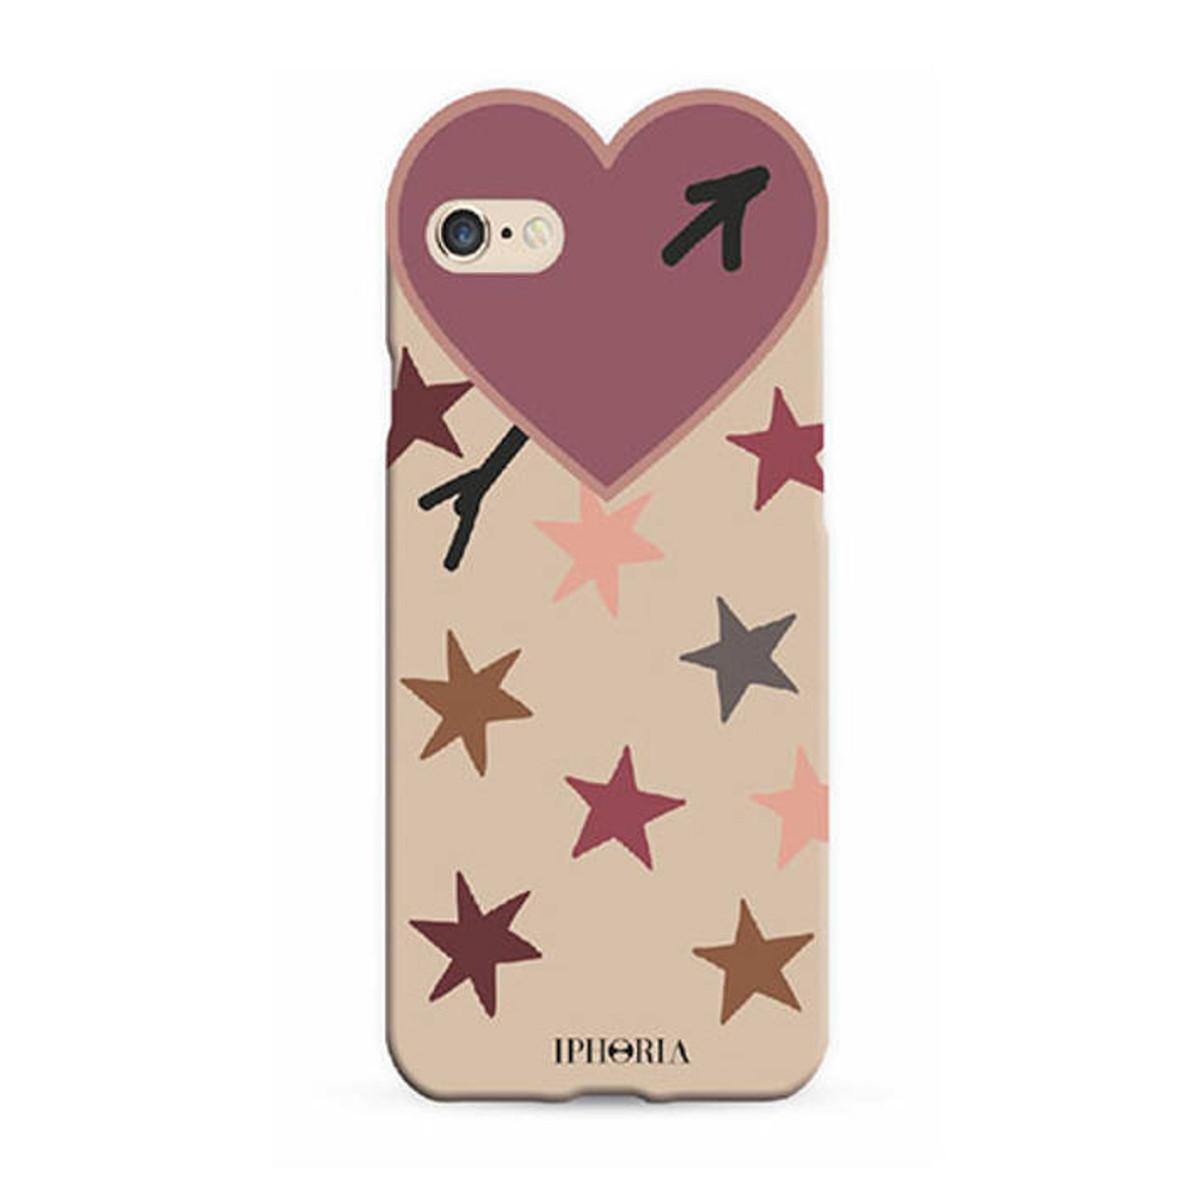 iPhoneケース アイフォンケース スマホケース スマホカバー かわいい 人気 ハート お歳暮 IPHORIA アイフォリア Heart Purple 通信販売 for iPhone Case 7 オシャレ 8 ハートケースパープルスター 海外ブランド Stars